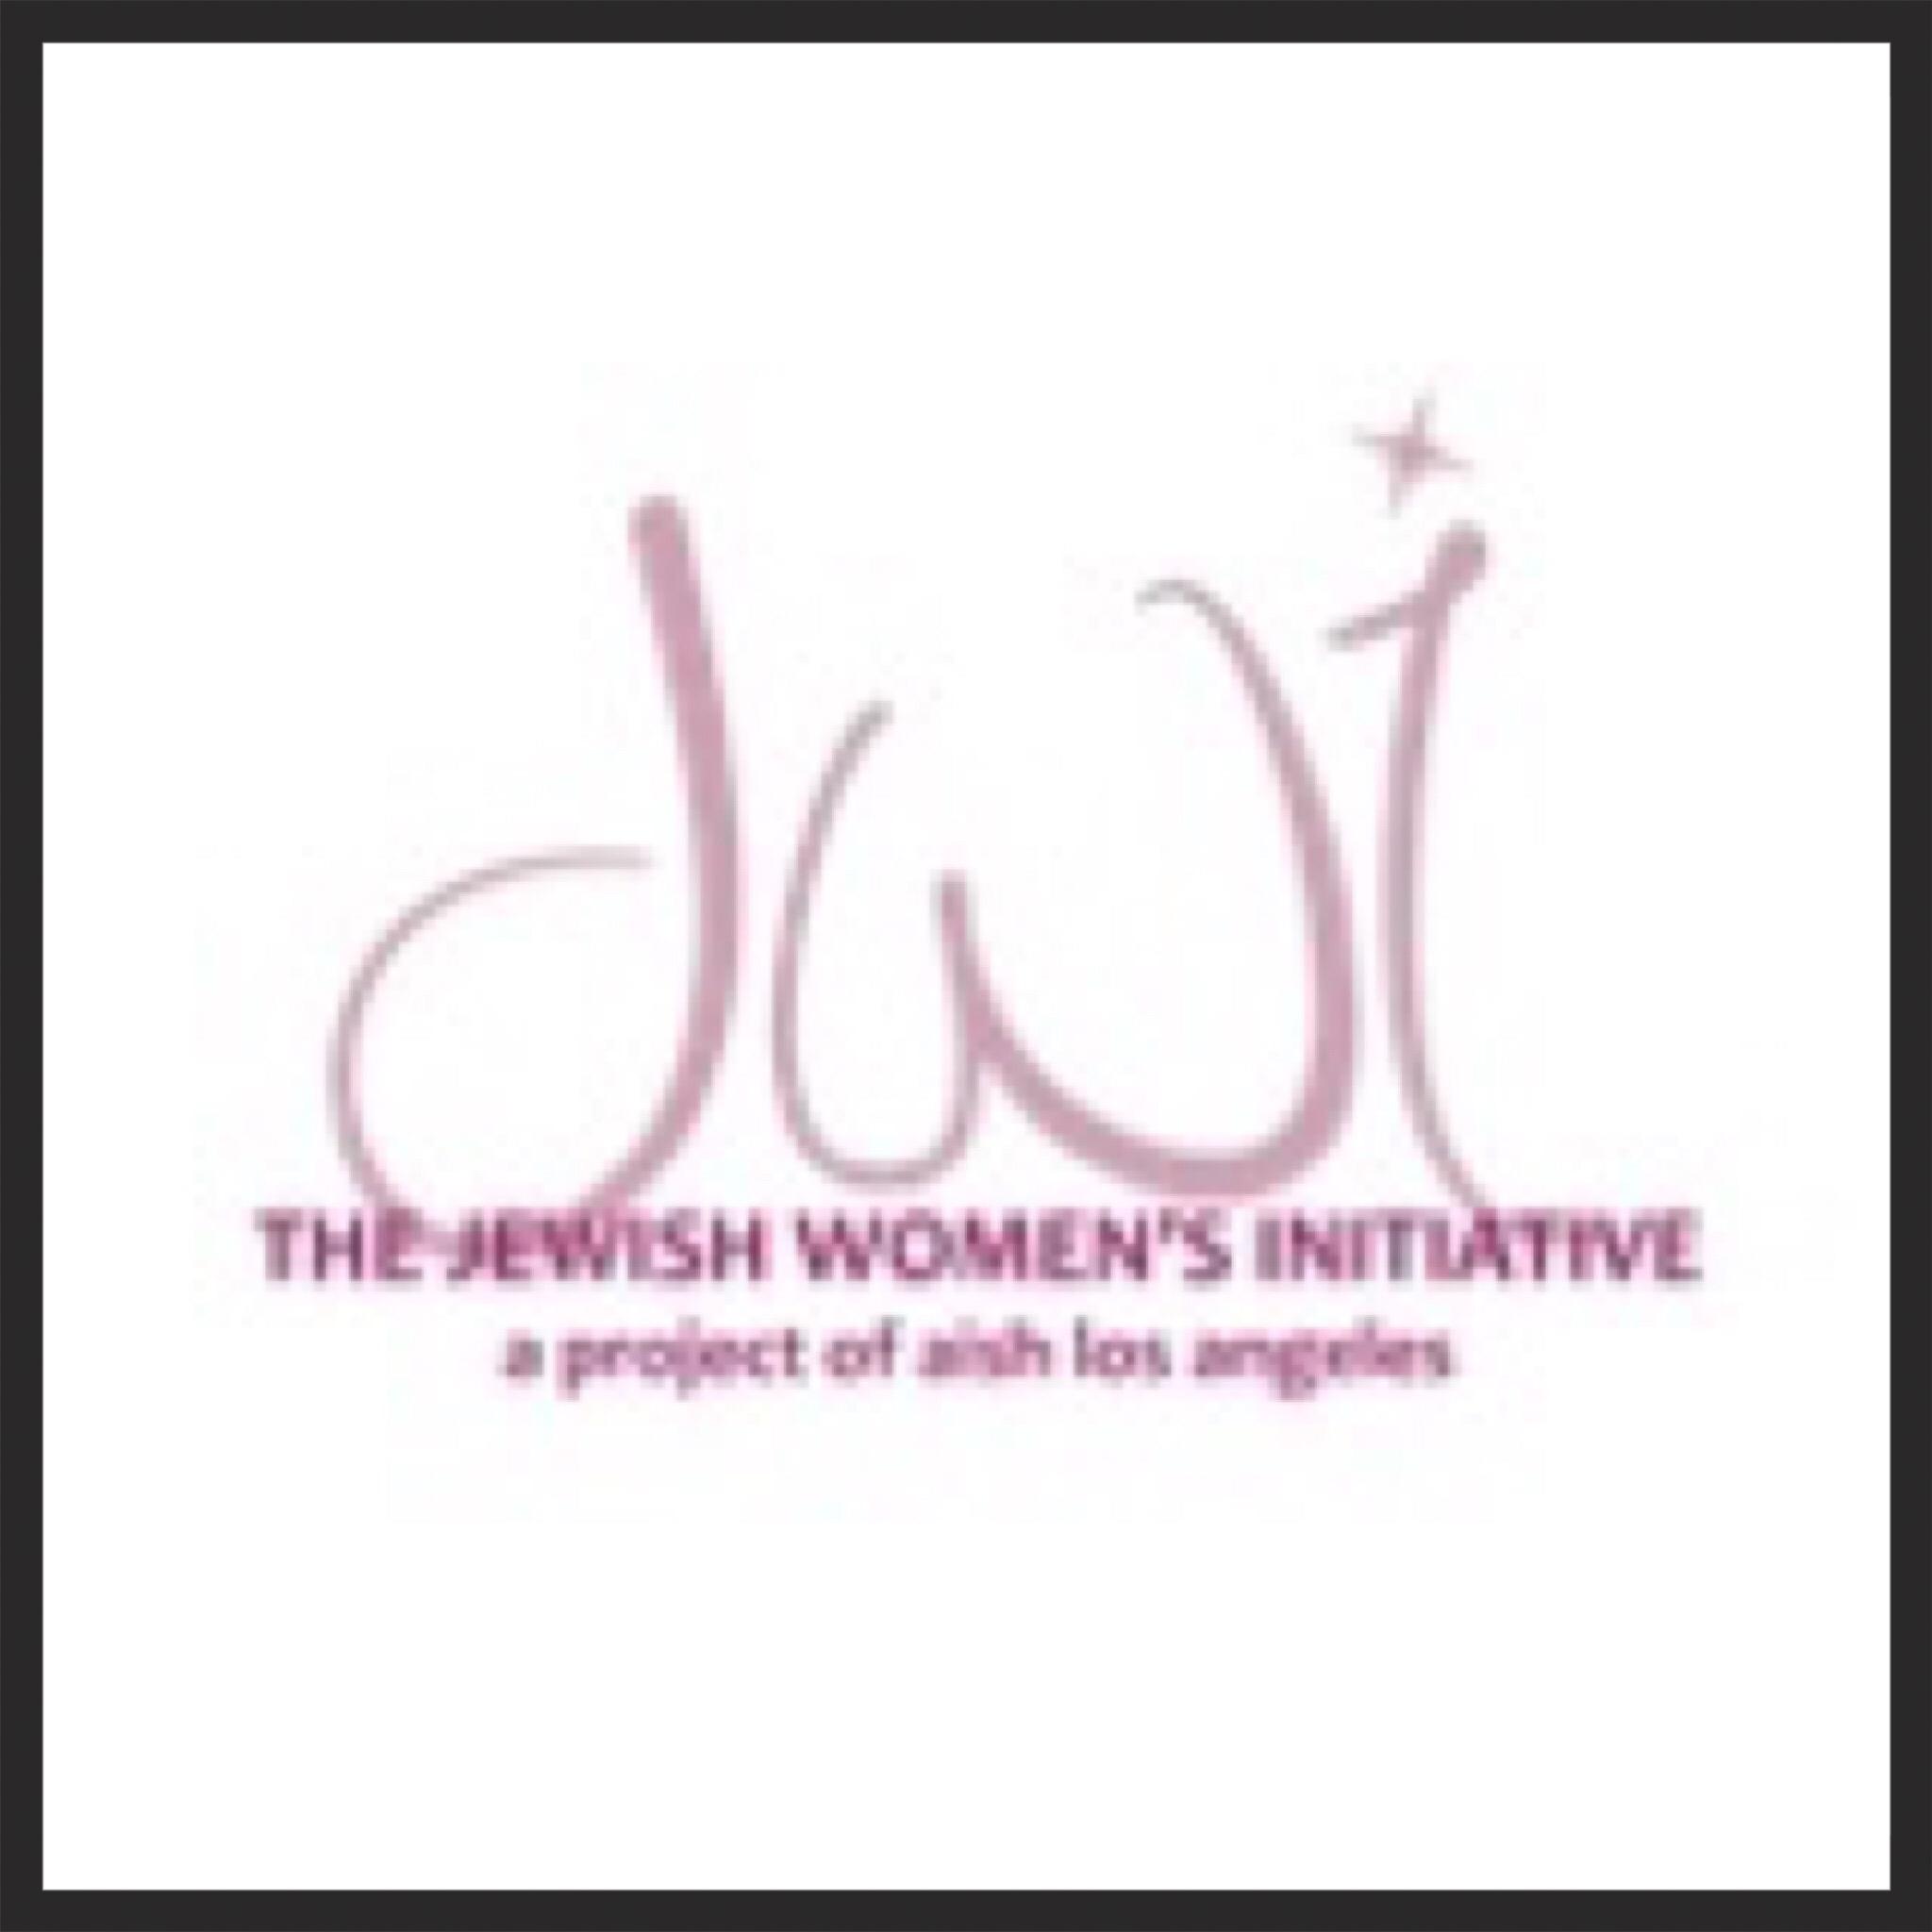 JWI Logo - Aish LA Website - Contact